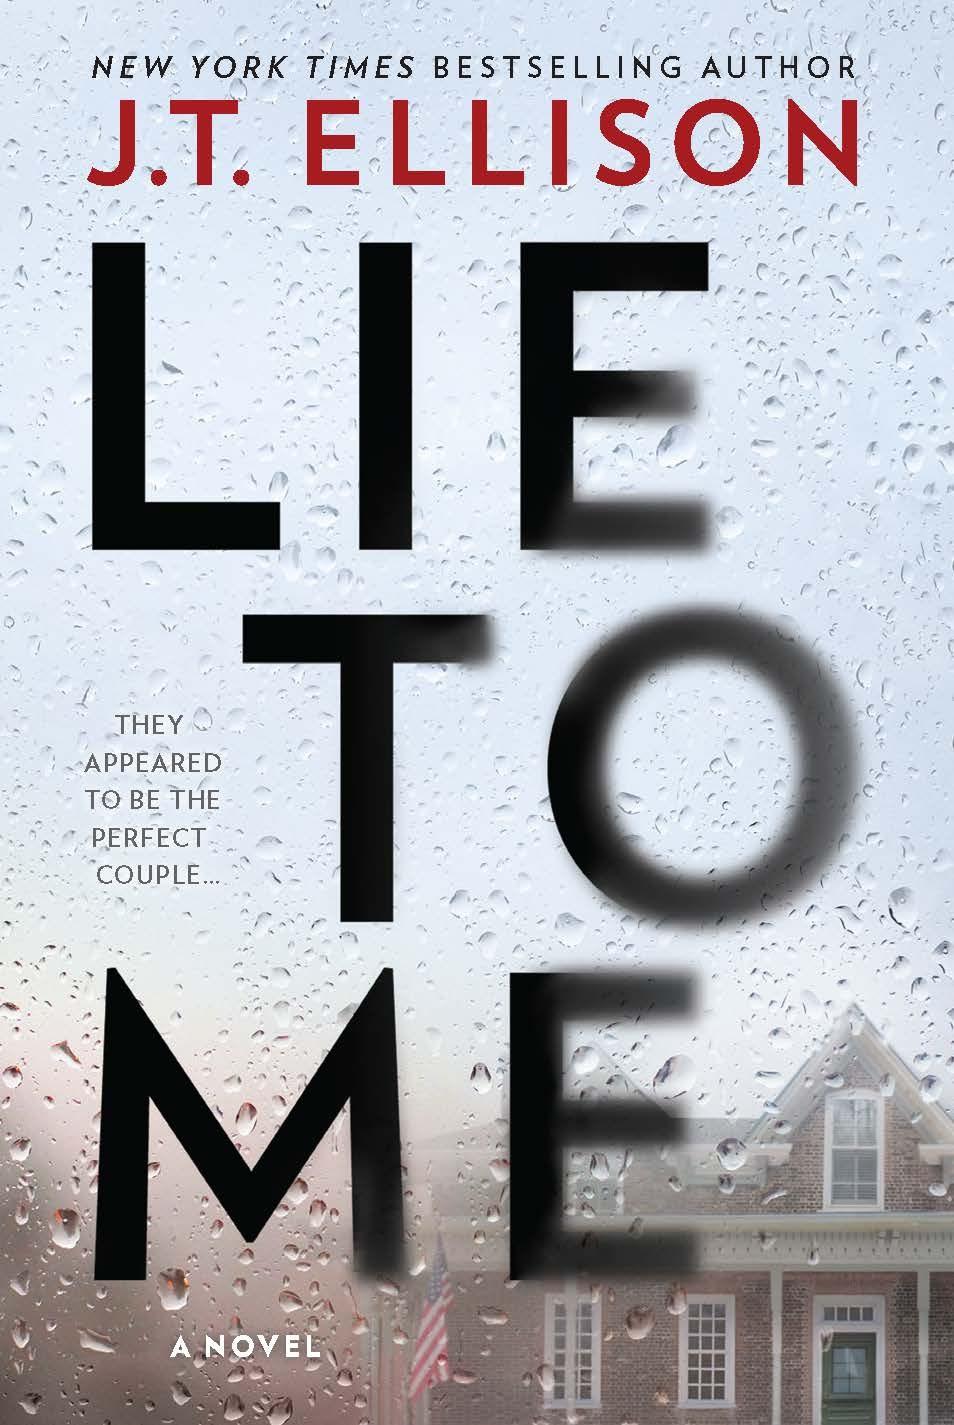 LIE TO ME (a psychological thriller) by J.T. Ellison